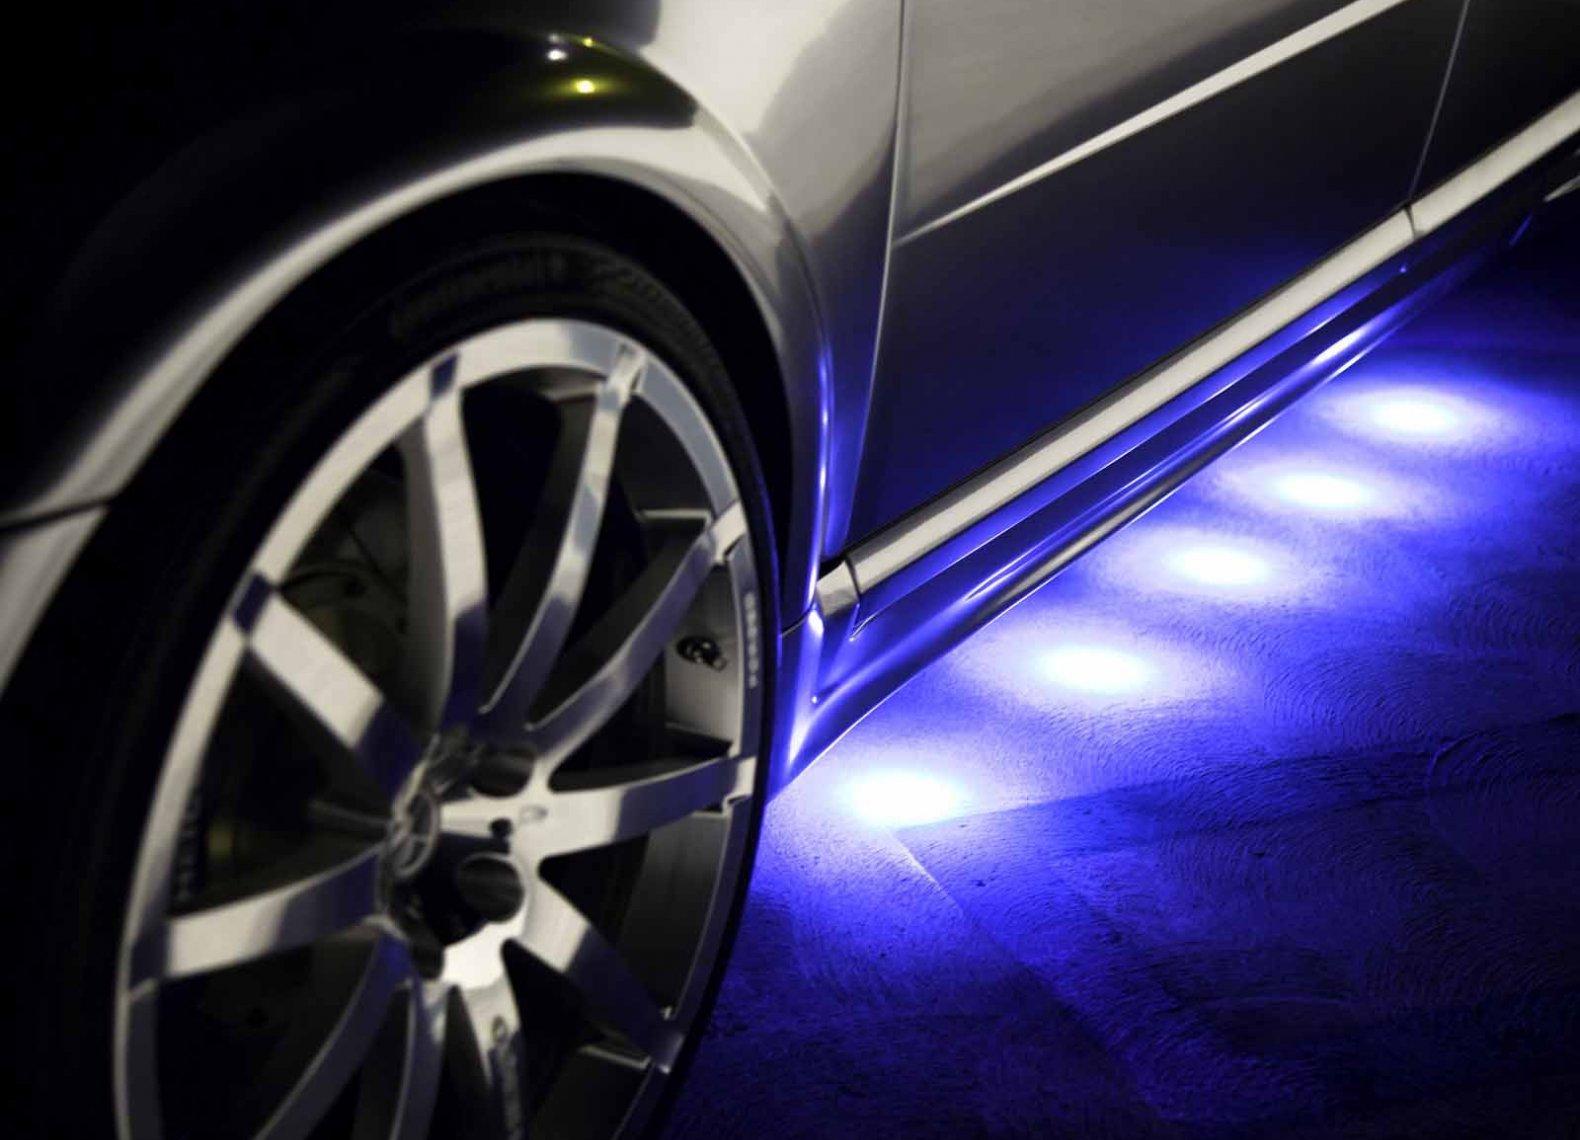 берега светящиеся картинки на колеса автомобиля мгновенье